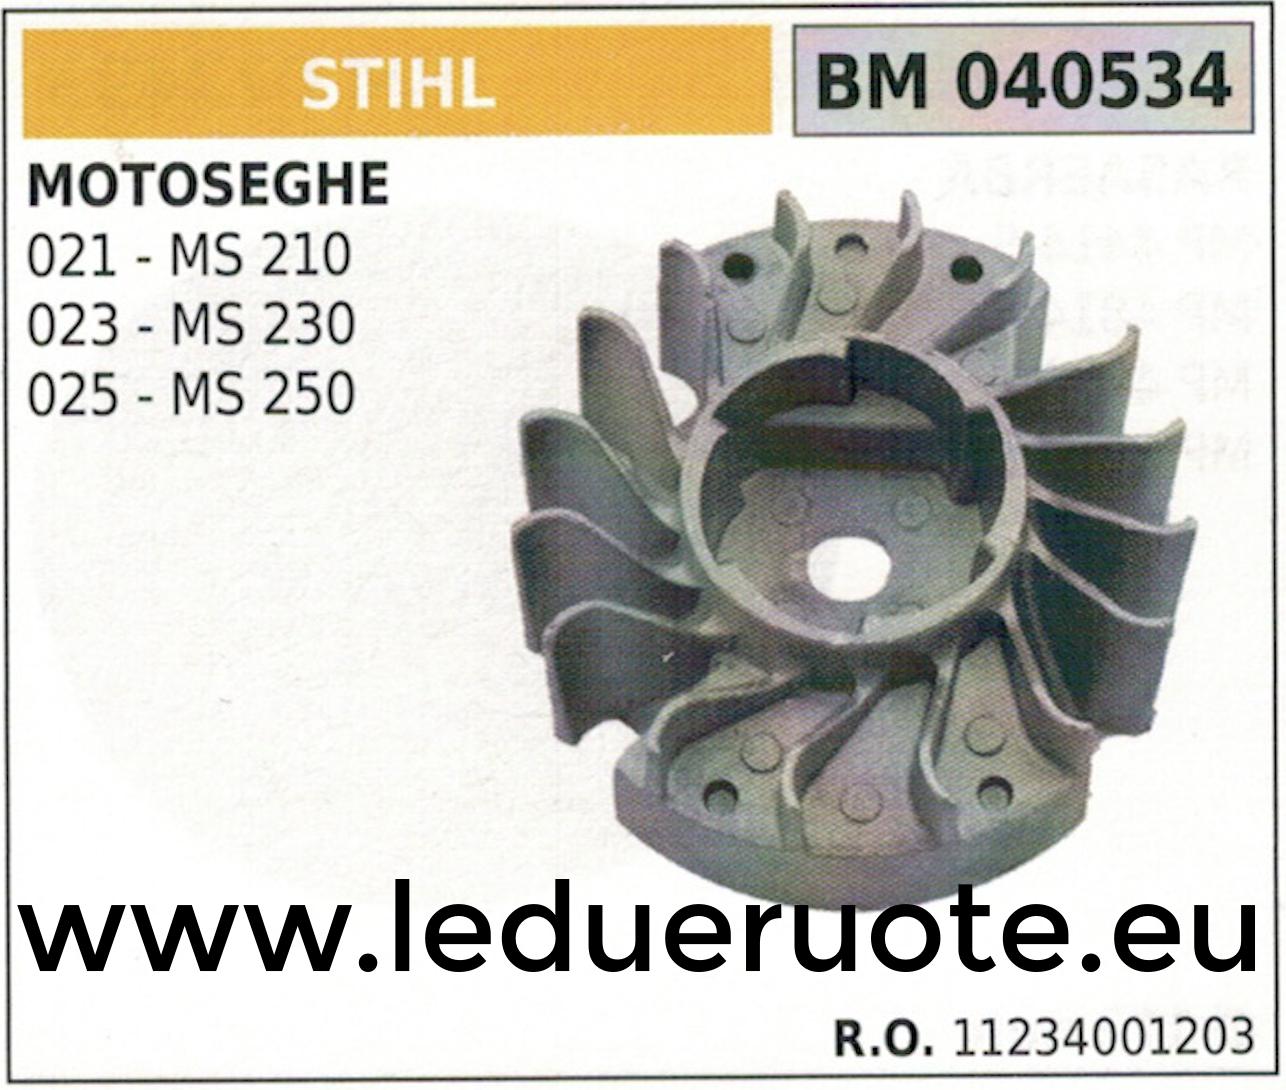 11234001203 VOLANO MAGNETICO magnete ventola MOTOSEGA STIHL MS 210 230 250